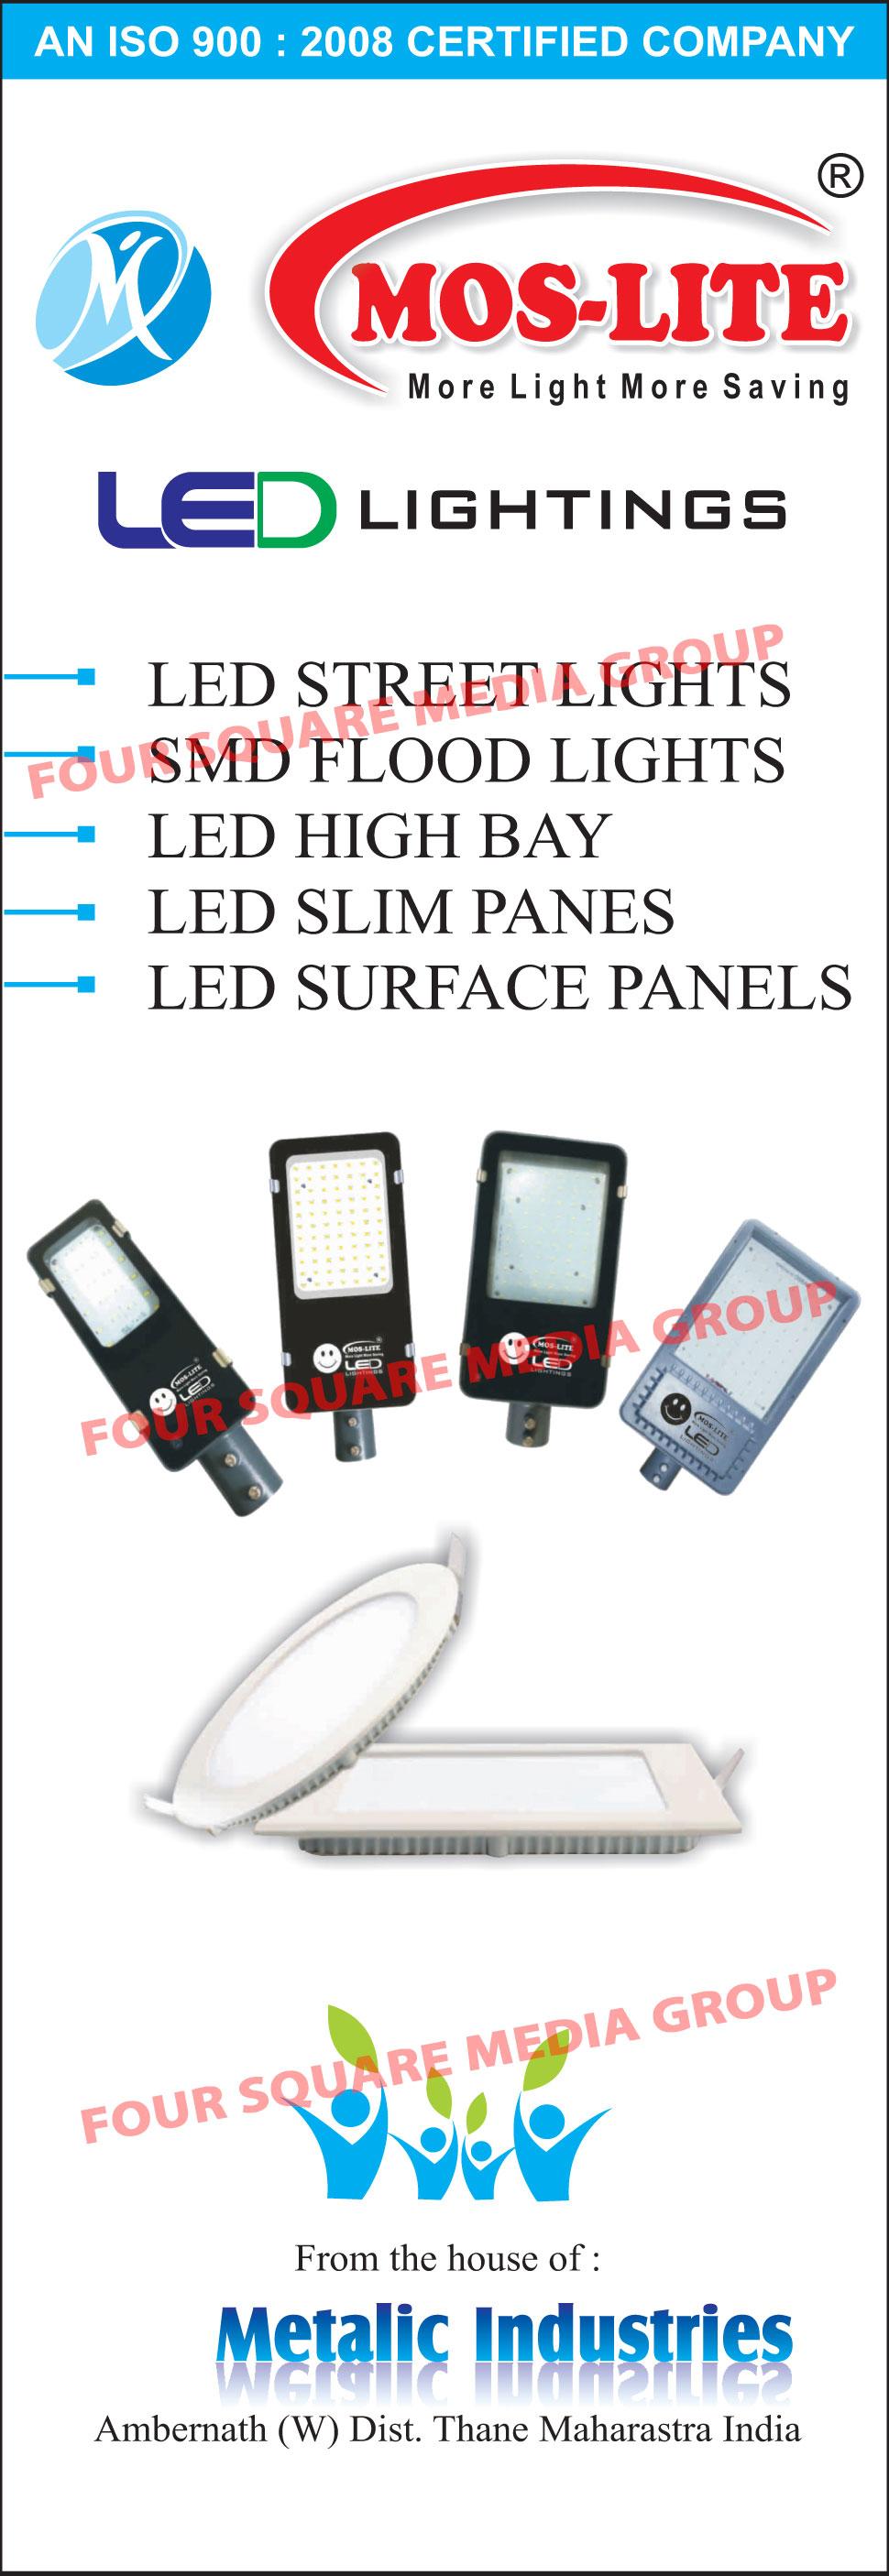 Led Lights, Led Street Lights, Led Flood Lights, SMD Flood Lights, Led High Bay Lights, Led Slim Panels, Led Surface Panels